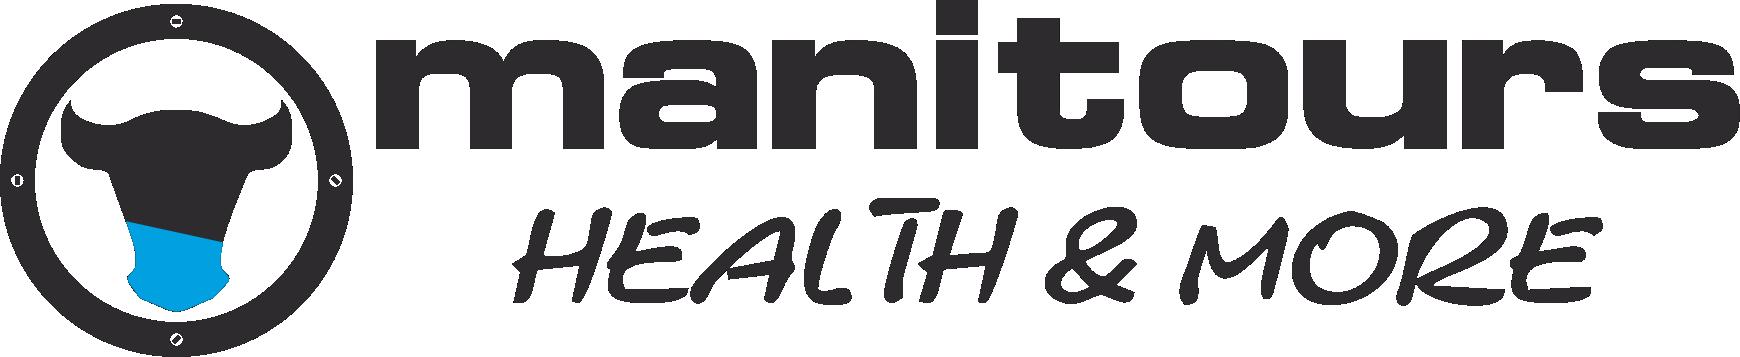 Agentur Manitours OHG, Live- und Mediale Kommunikation Potsdam